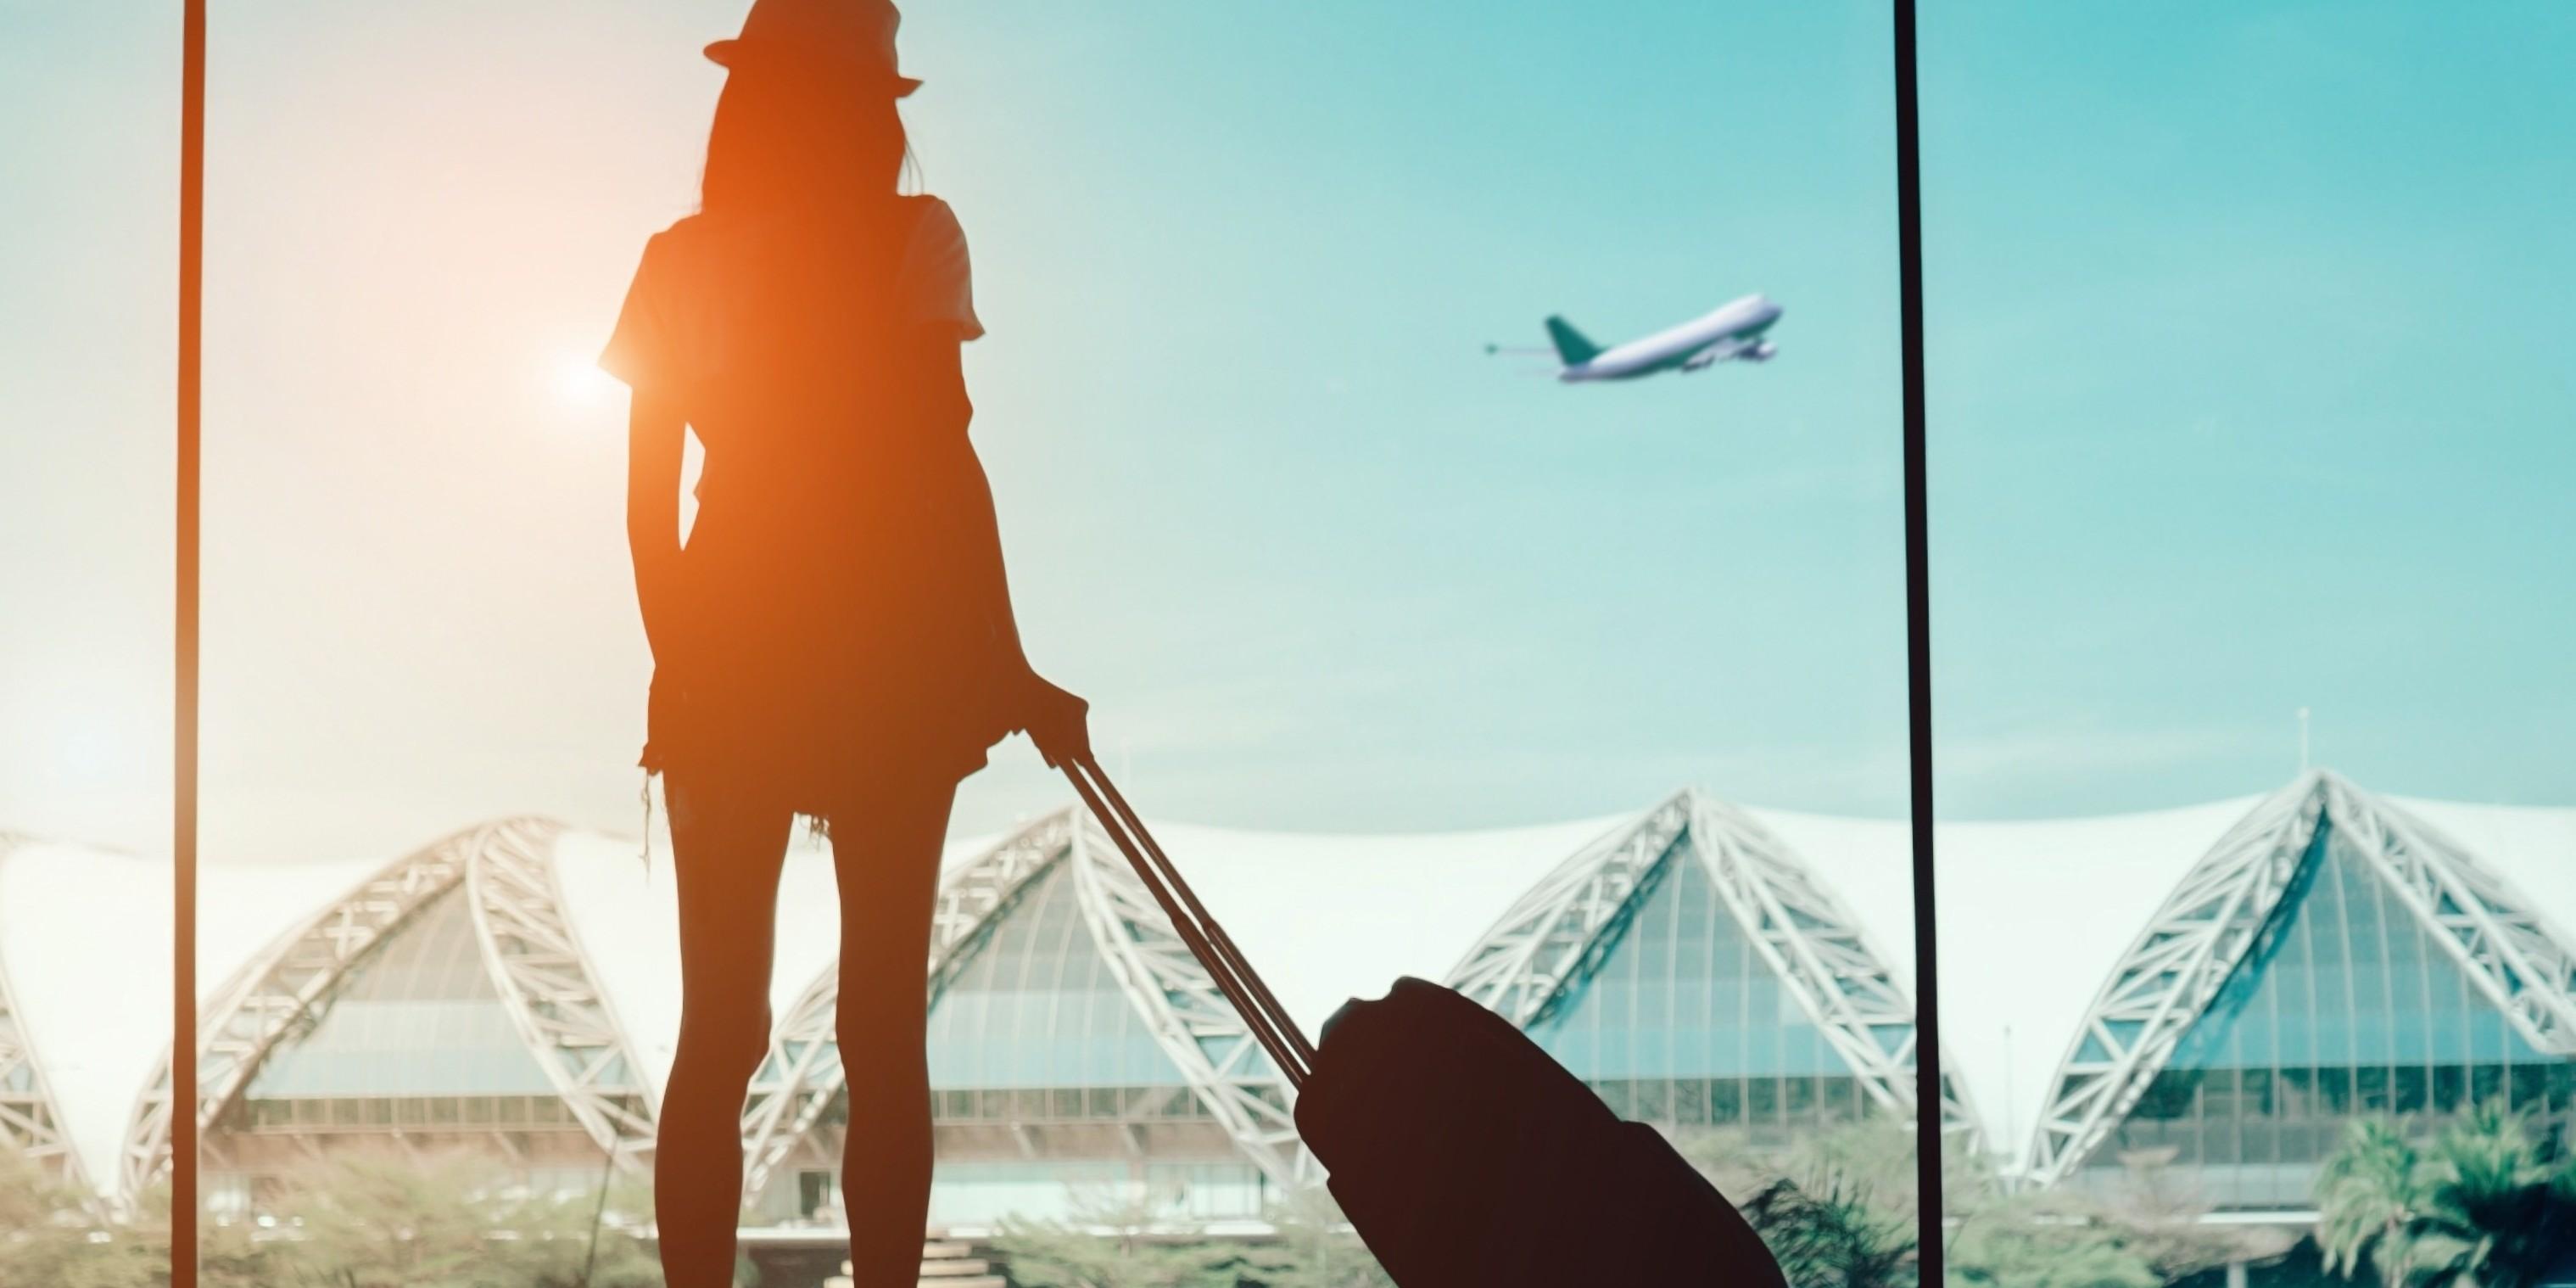 Viaggiare ed ospitare in sicurezza - Consigli